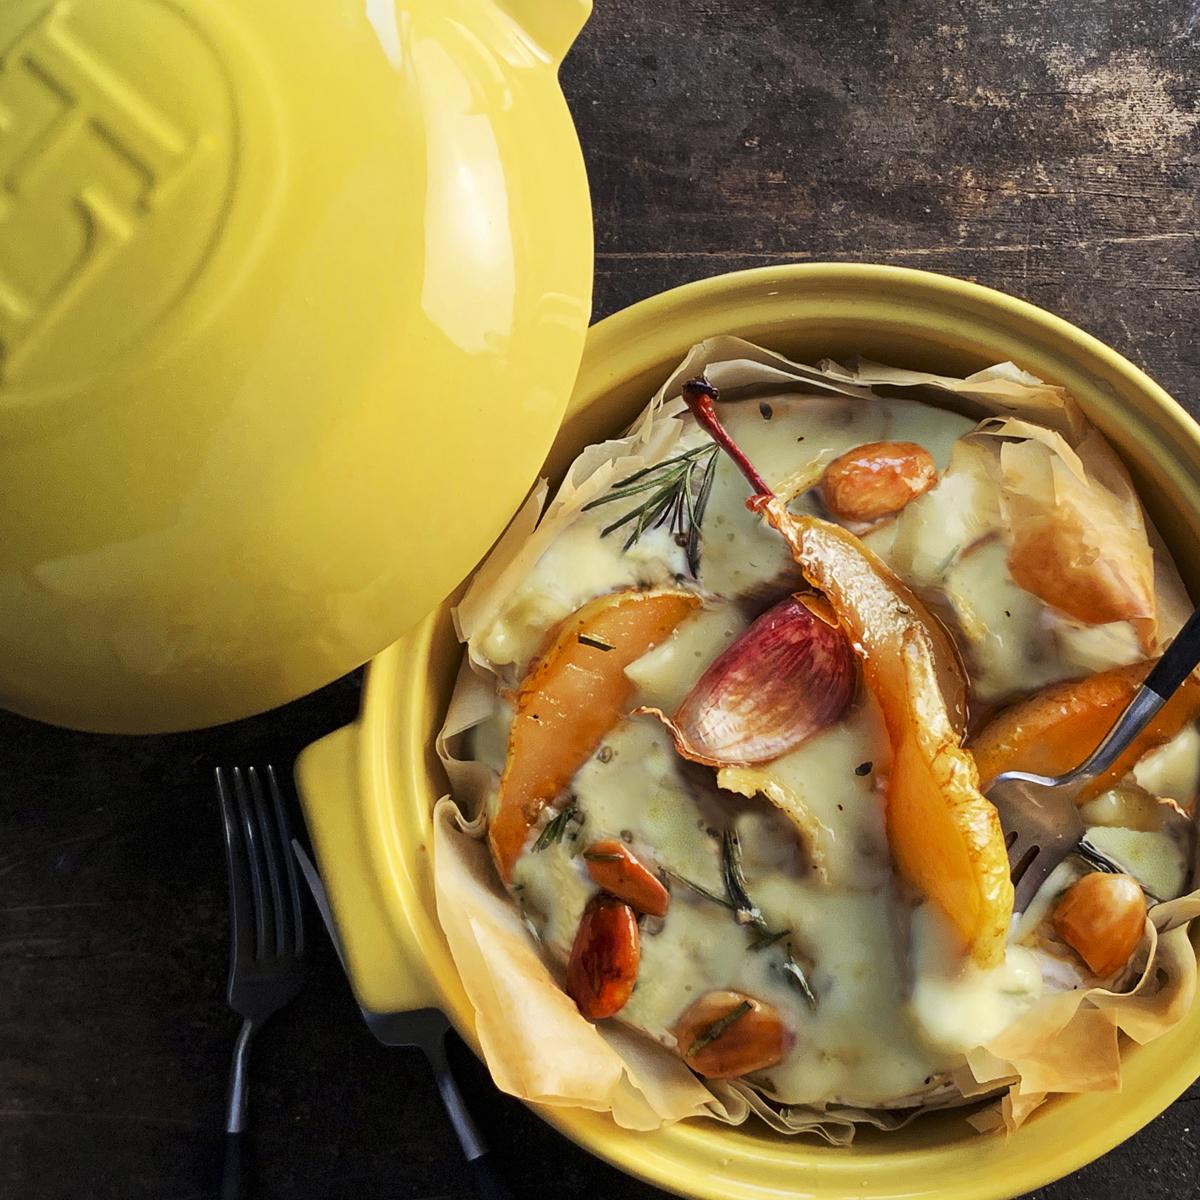 Também ajuda a reter odores e mantém o queijo quente até ser servido.